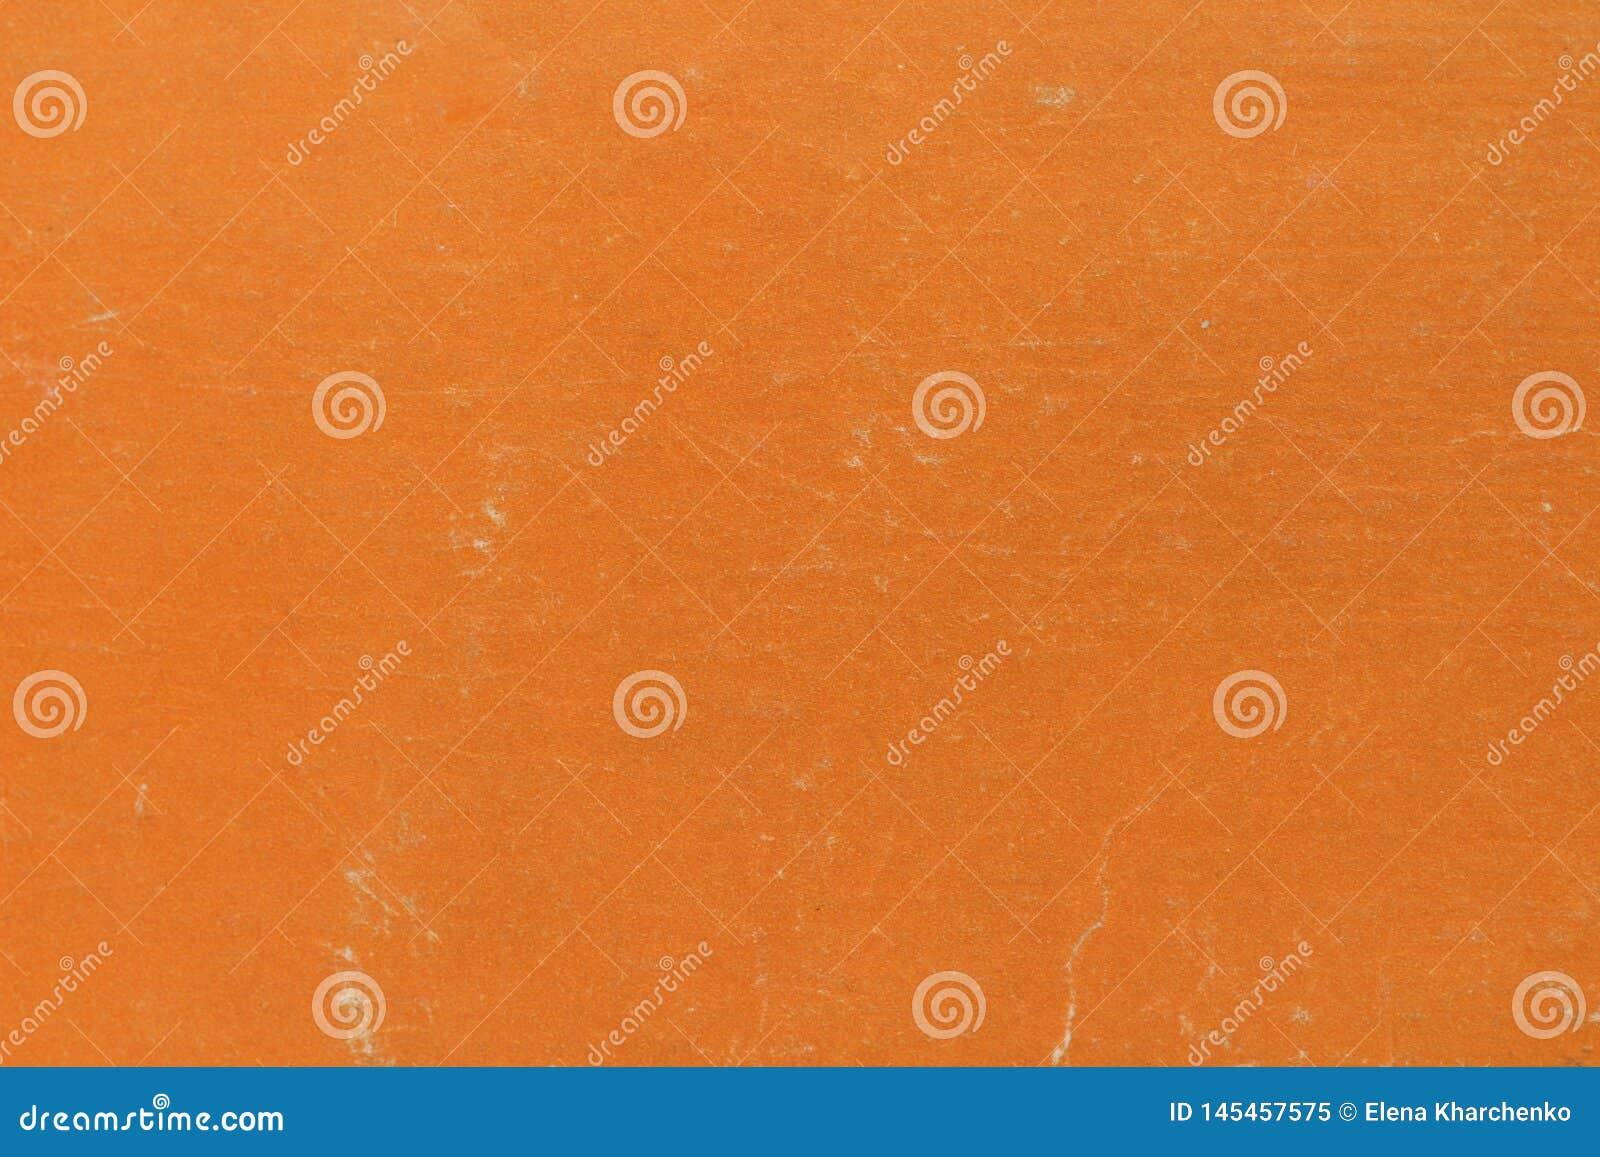 Текстура предпосылки сделана из апельсина обложки книги